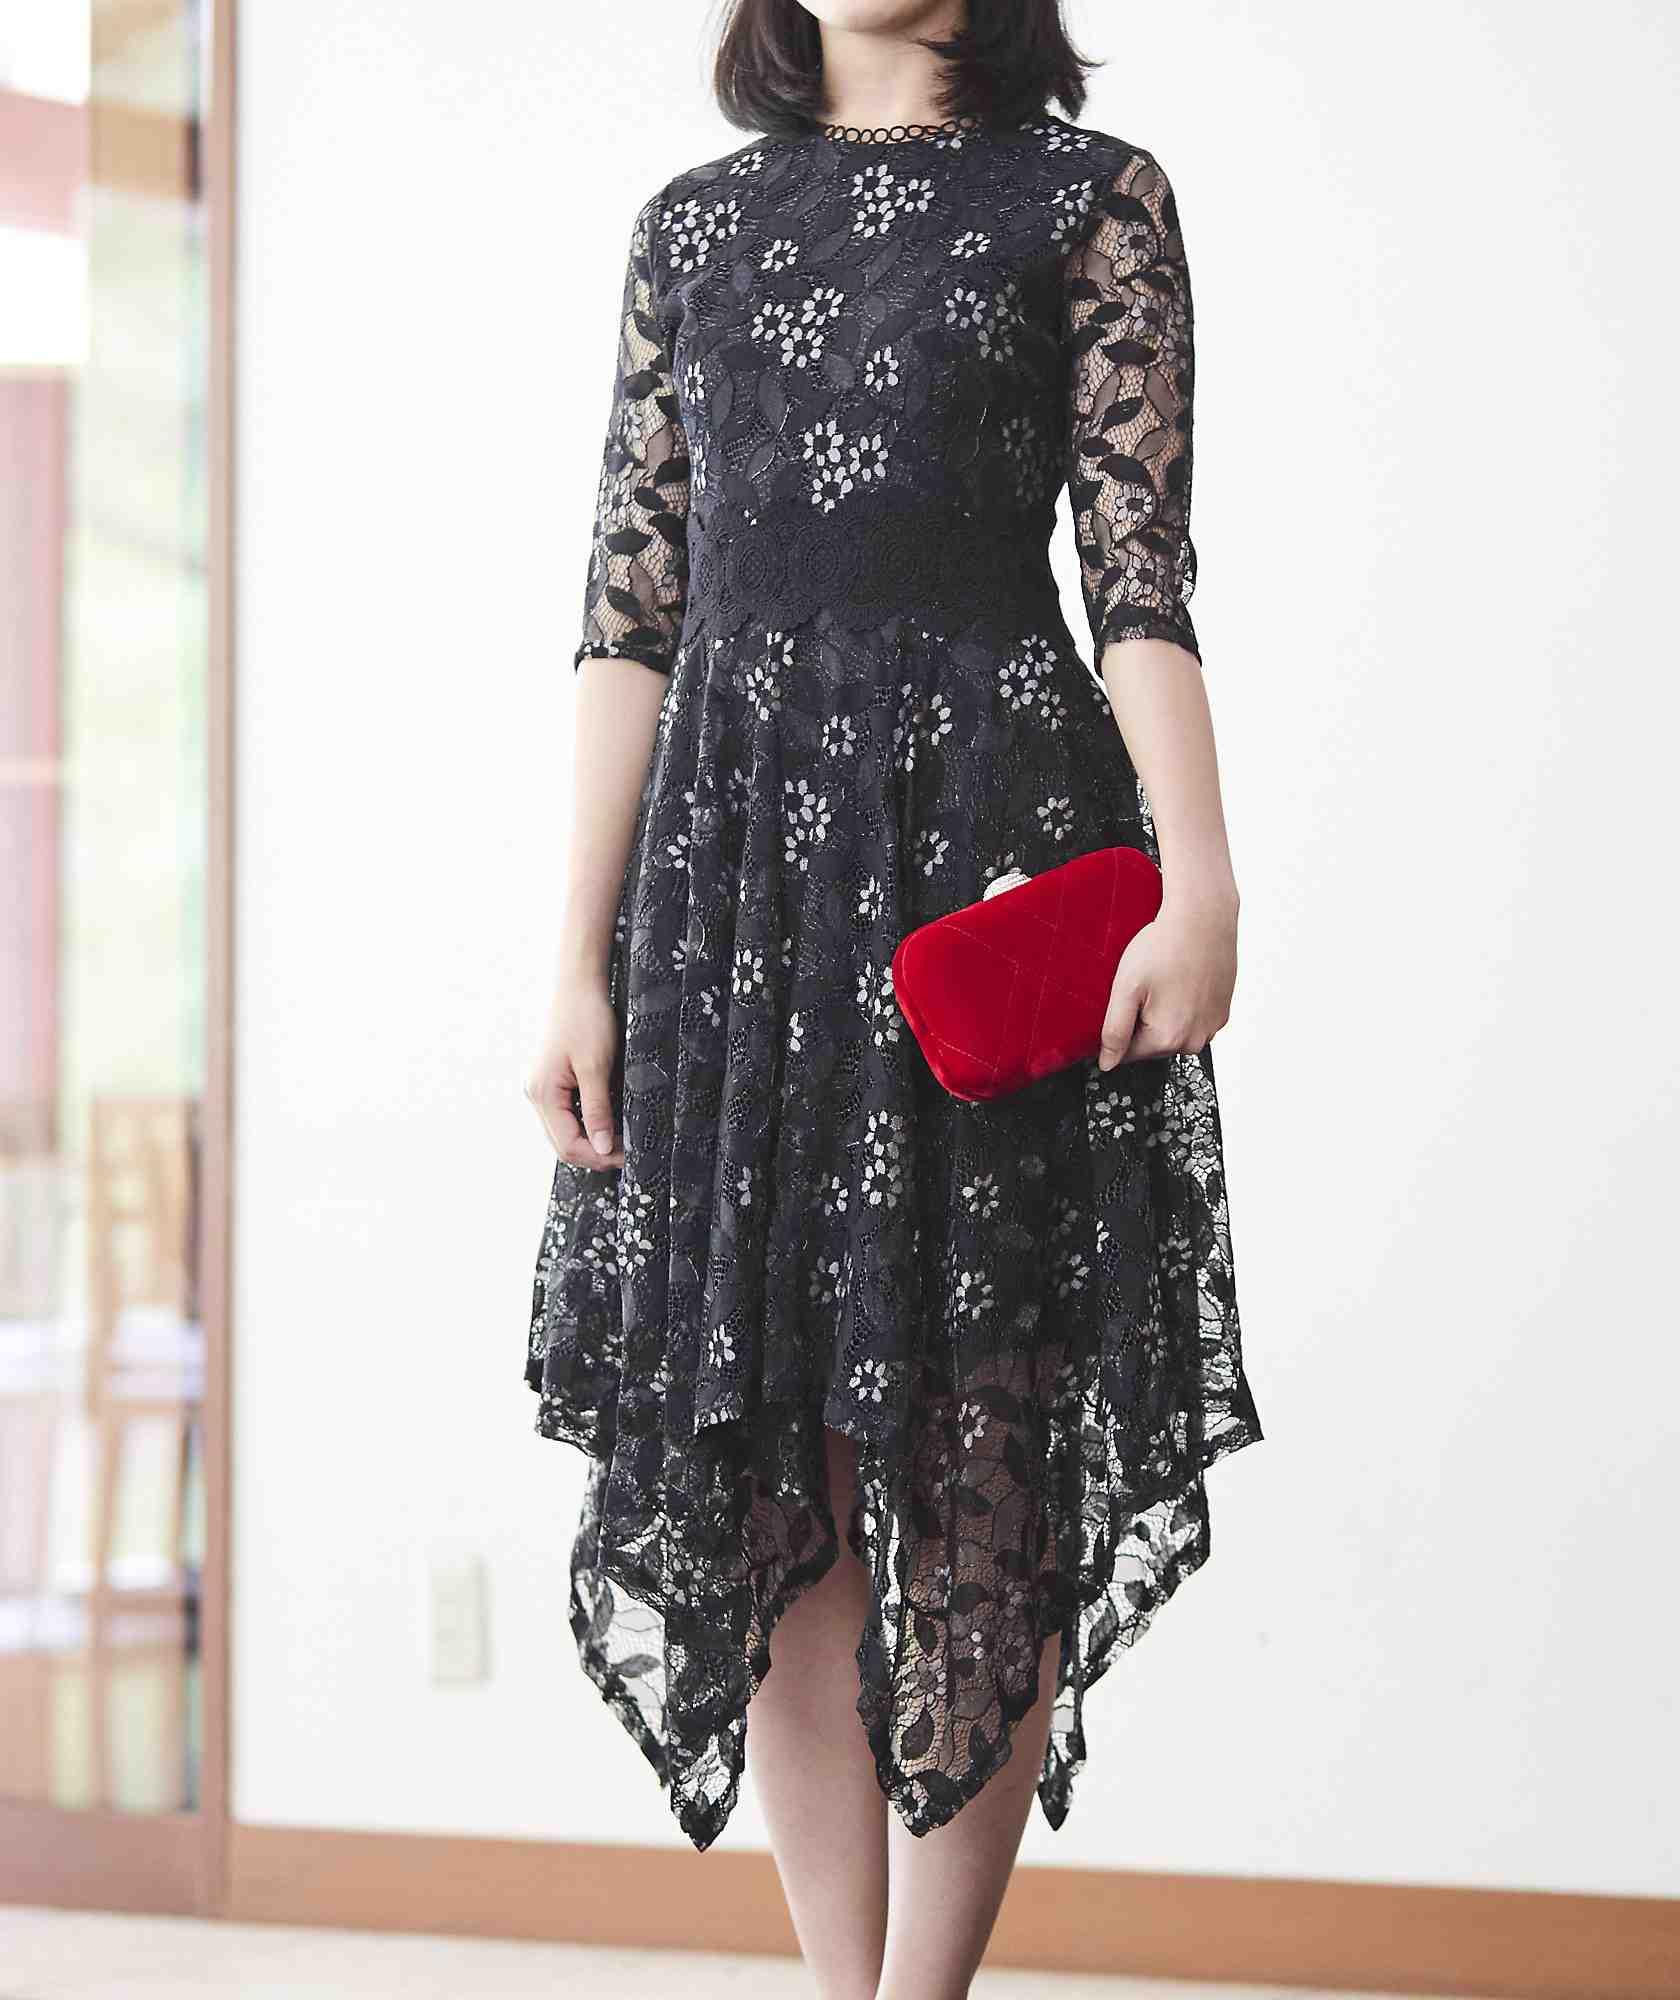 フラワーモチーフアシンメトリーミディアムドレス-ブラック-M-L